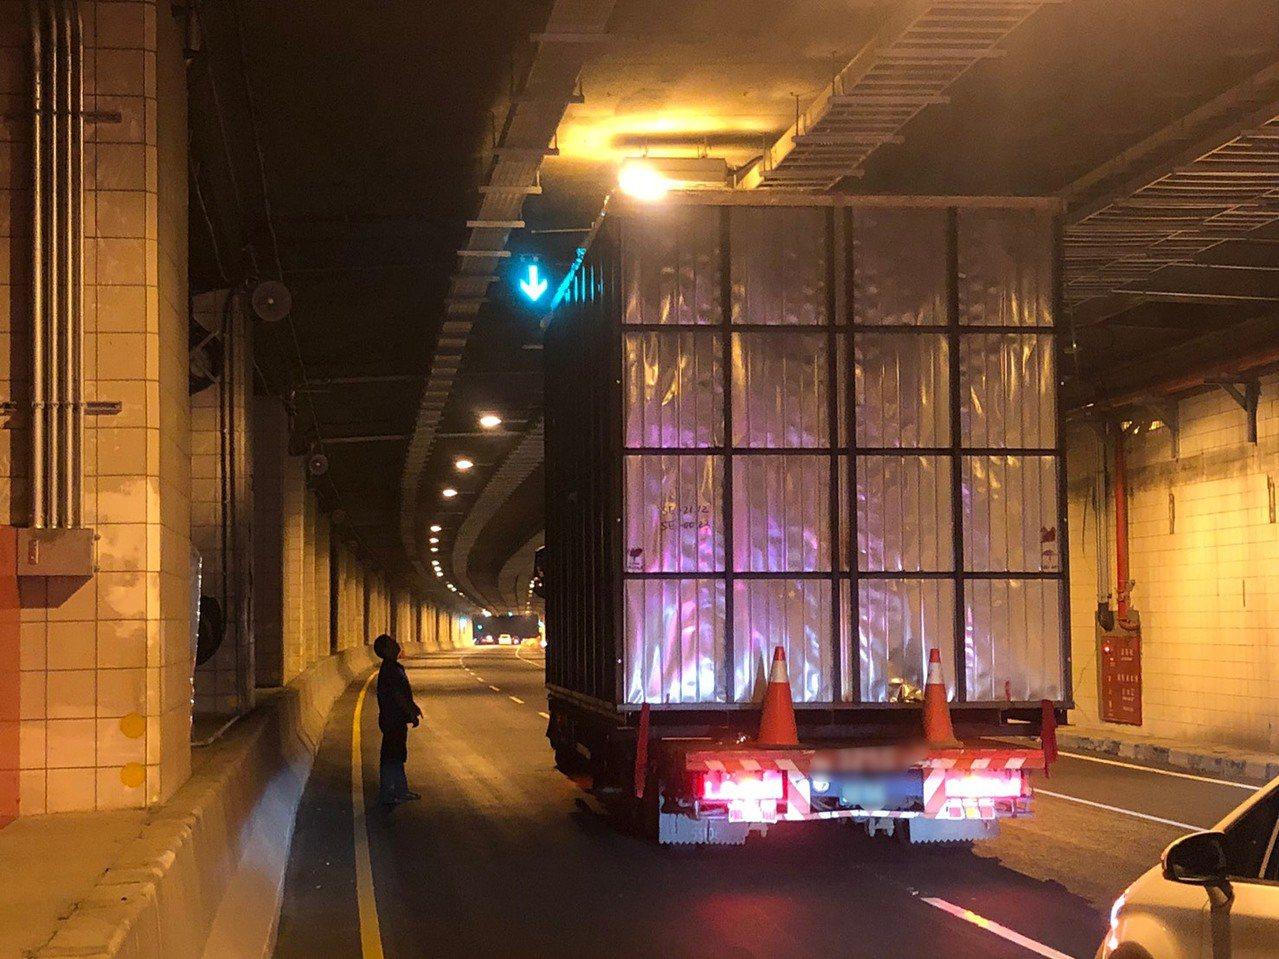 鳳鼻隧道限高4.6公尺,近來發生多起大貨車超高卡在隧道或撞毀隧道頂機電消防設備的...